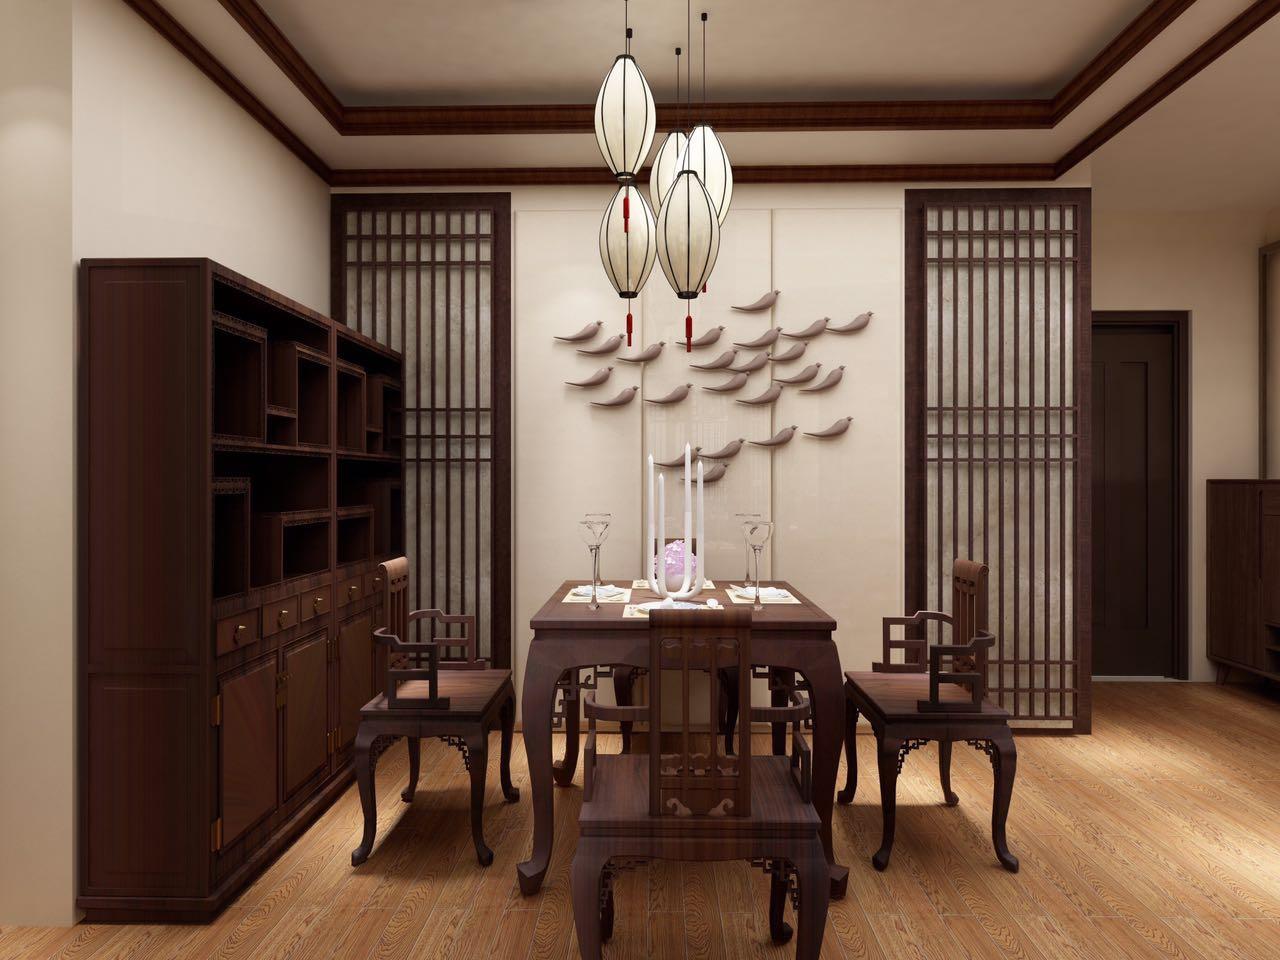 二居 小资 80后 旧房改造 收纳 餐厅图片来自北京今朝装饰-慧琳在格调小区 75㎡ 中式风格的分享